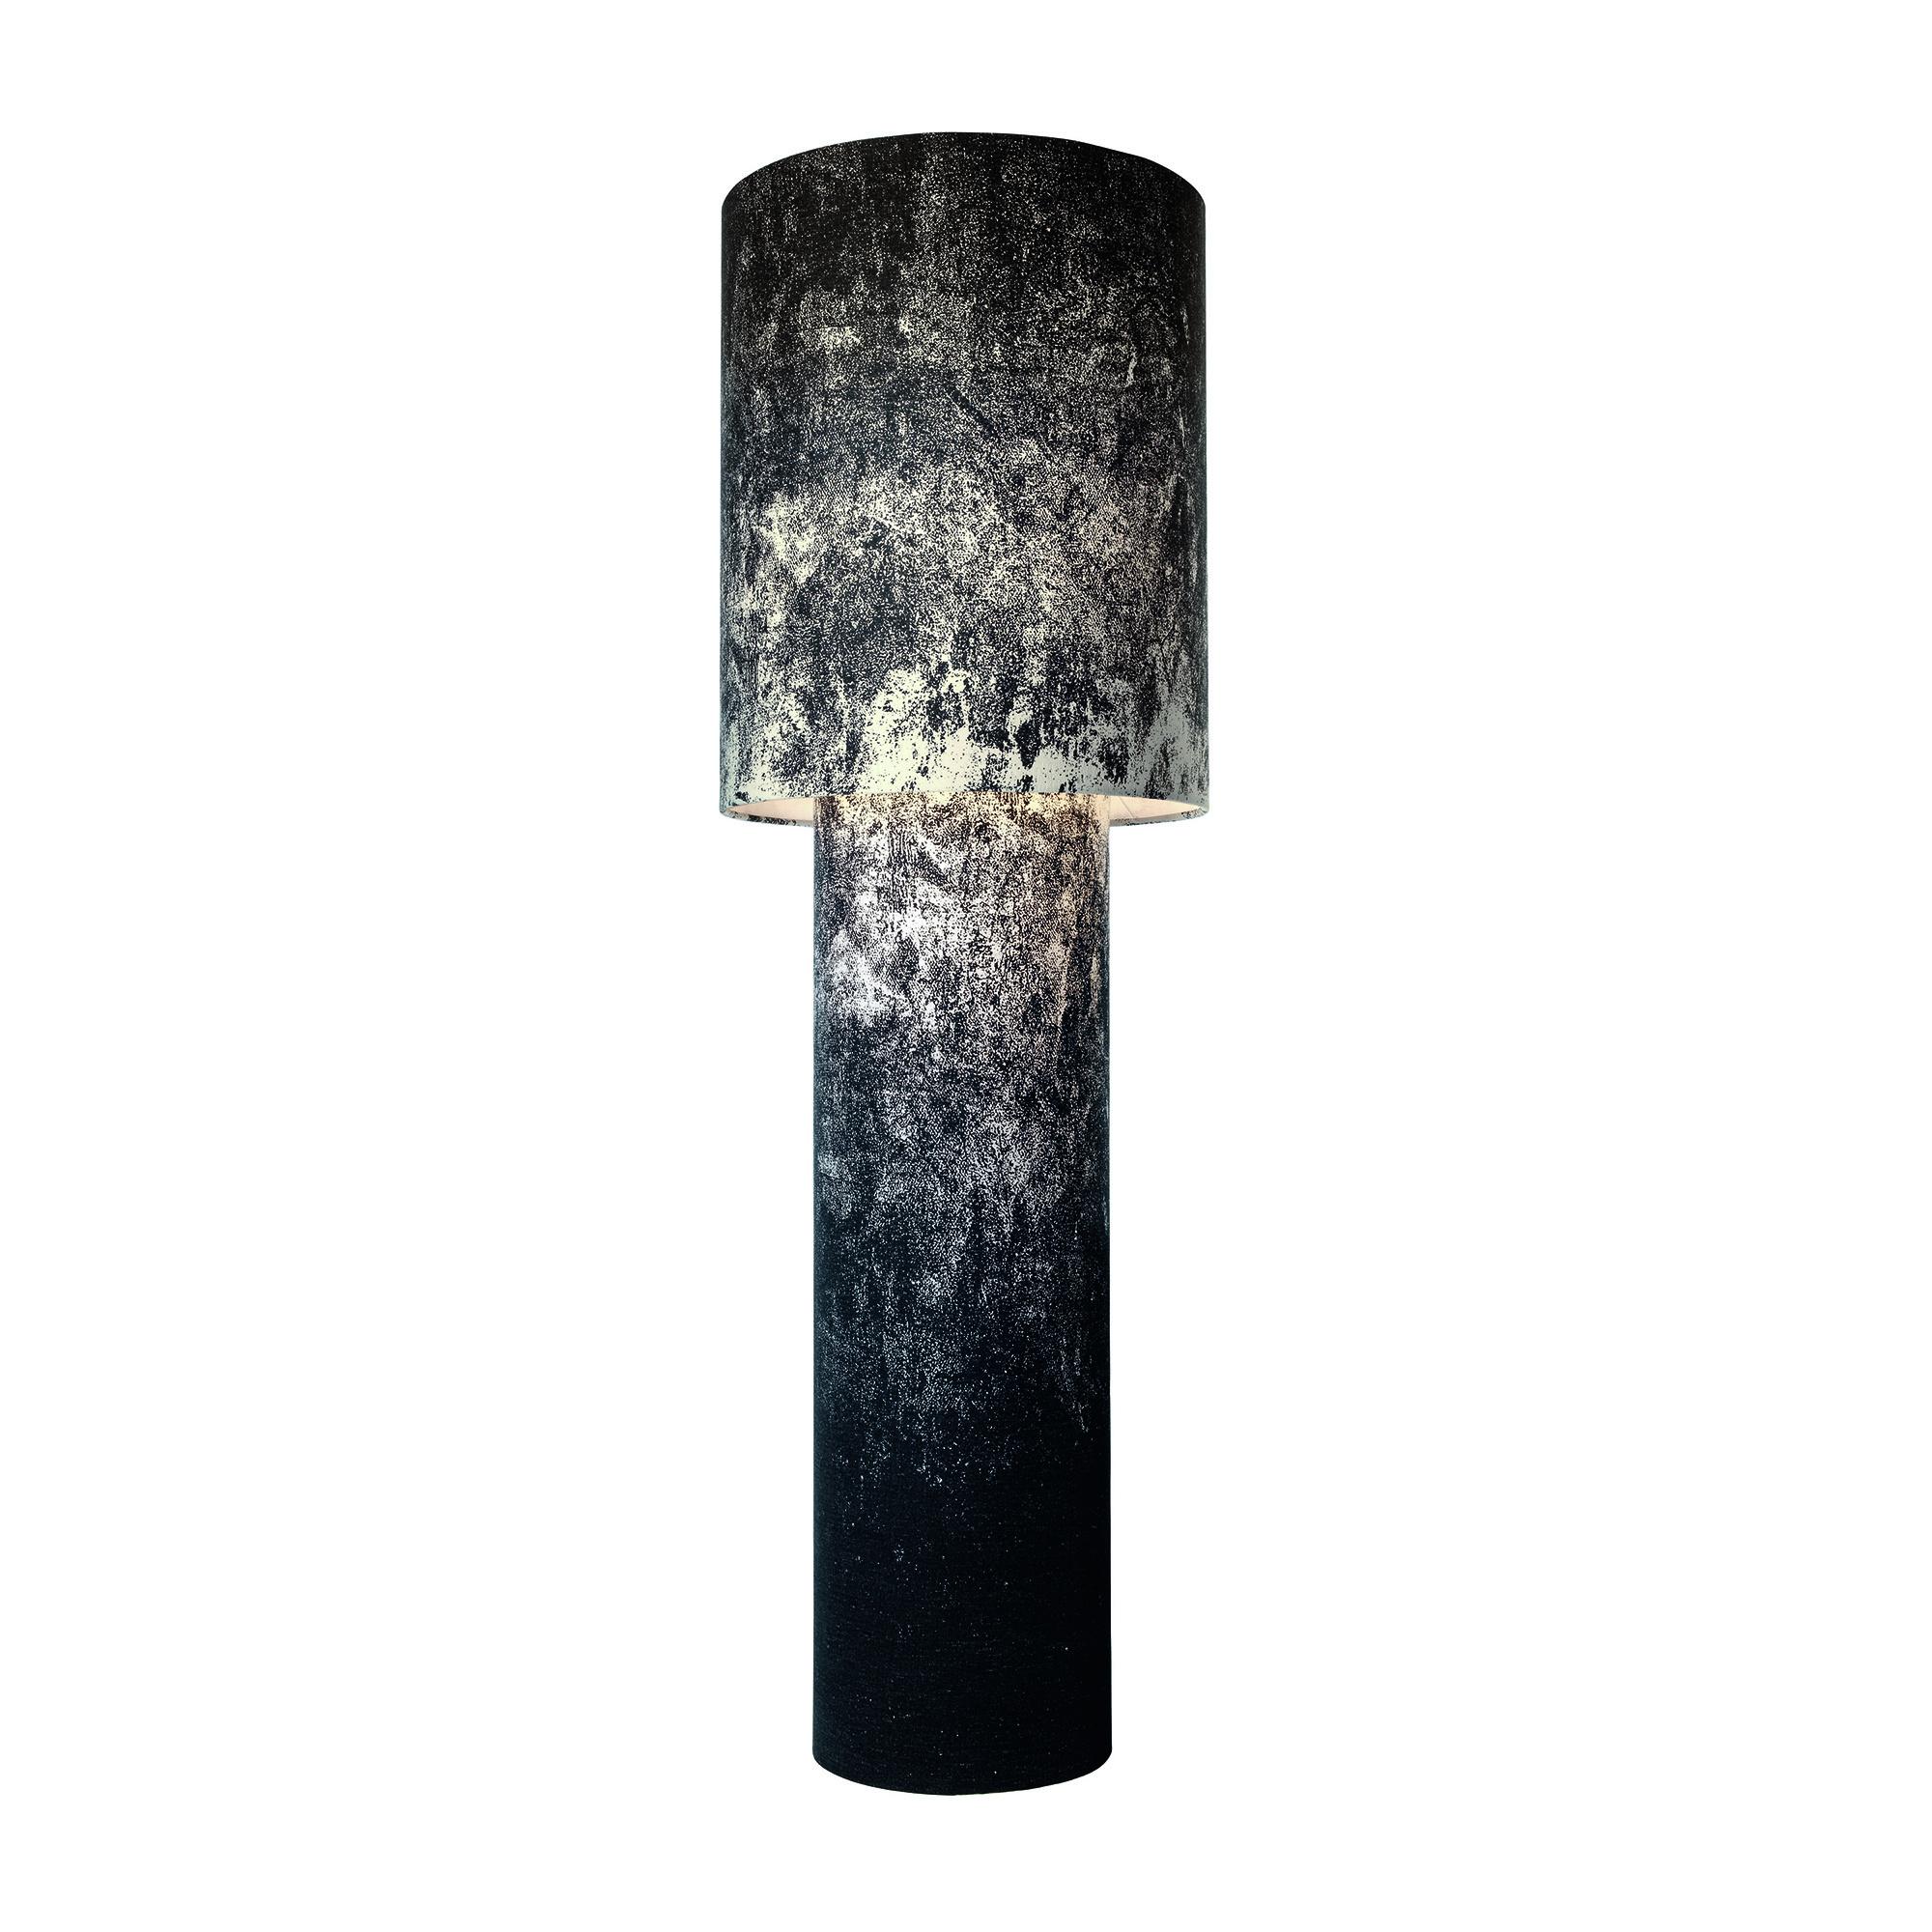 Diesel - Lampadaire Pipe Grande H 183cm - noir/lin avec un couche polymère/H x Ø 183x59cm/avec variateur